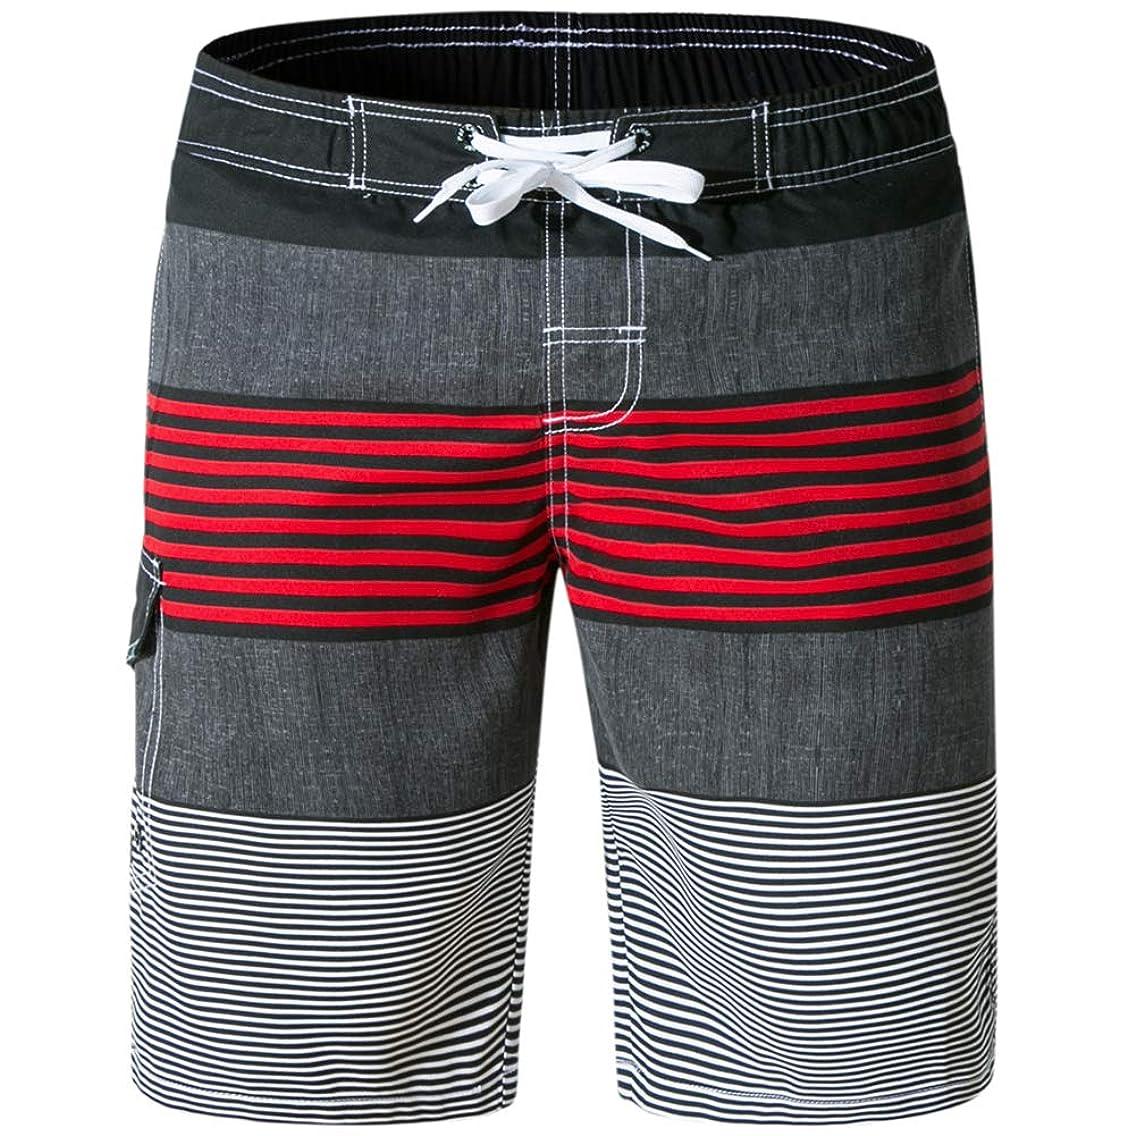 Evobak Mens Swim Trunks Swimsuit Men Beach Board Shorts Men's Bathing Suits Quick Dry